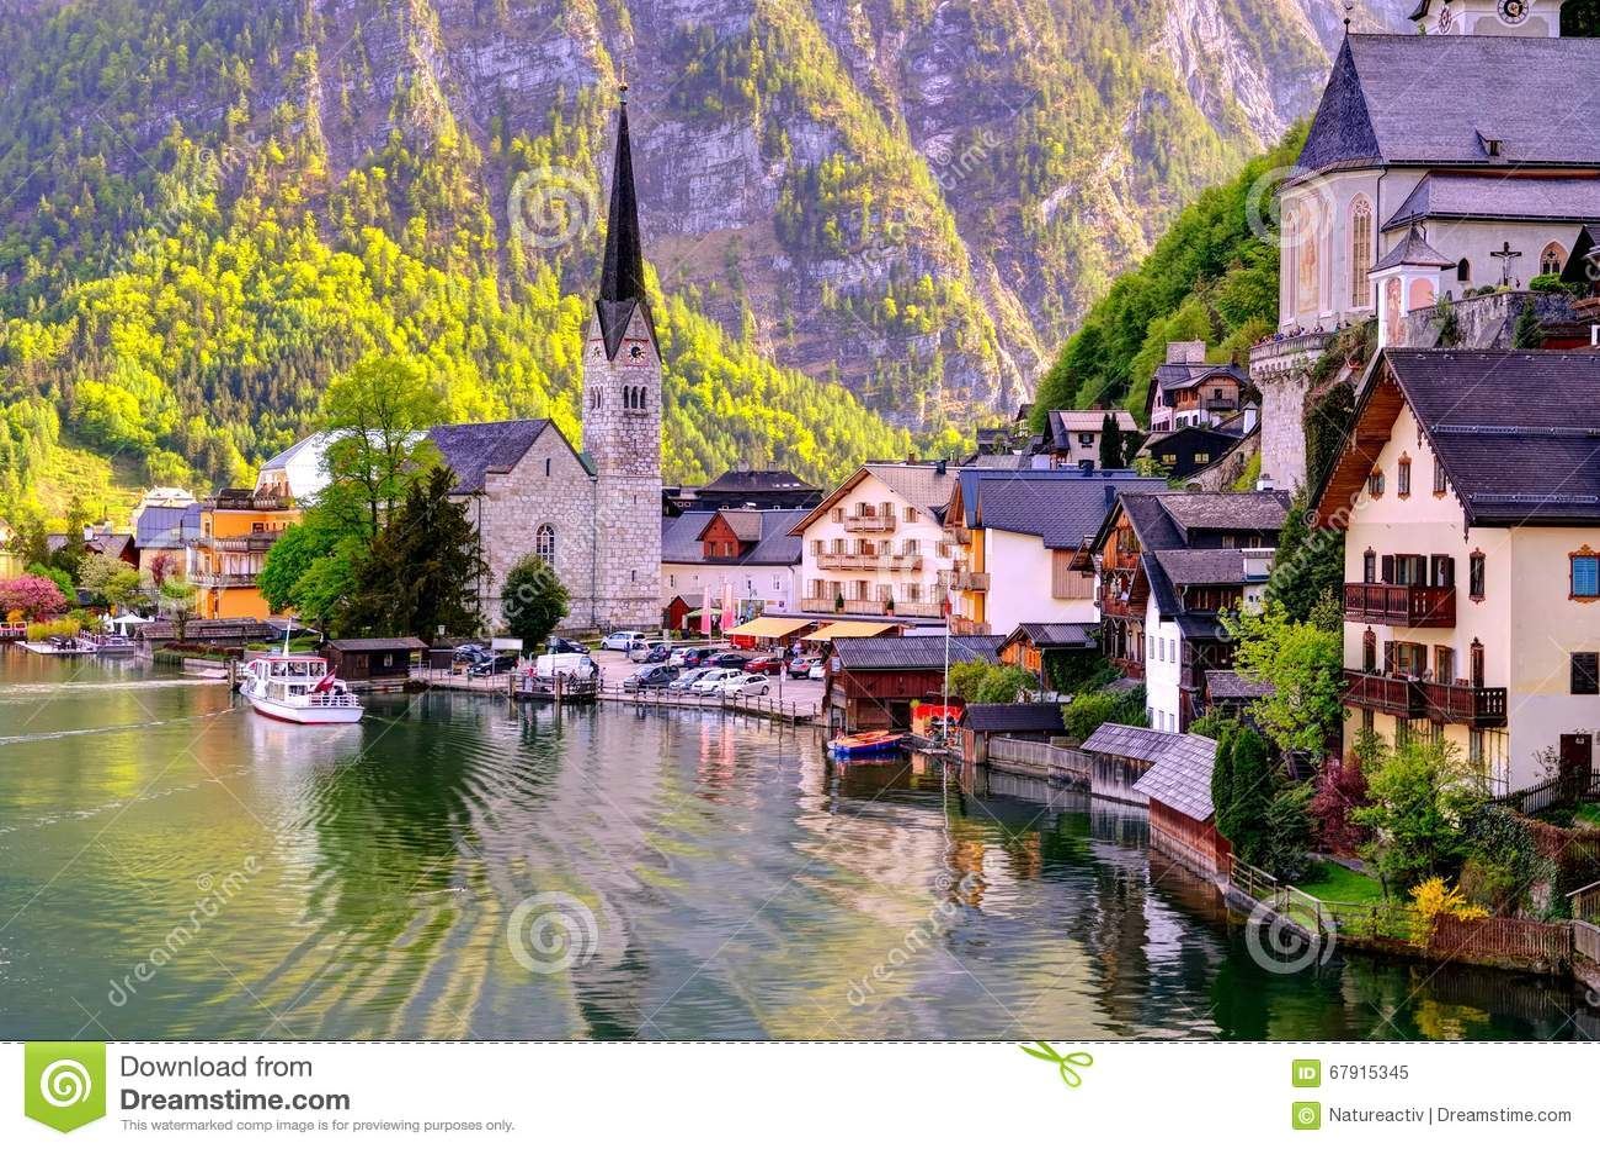 Beautiful Hallstatt Town In Austria. Stock Photo - Image: 67915345